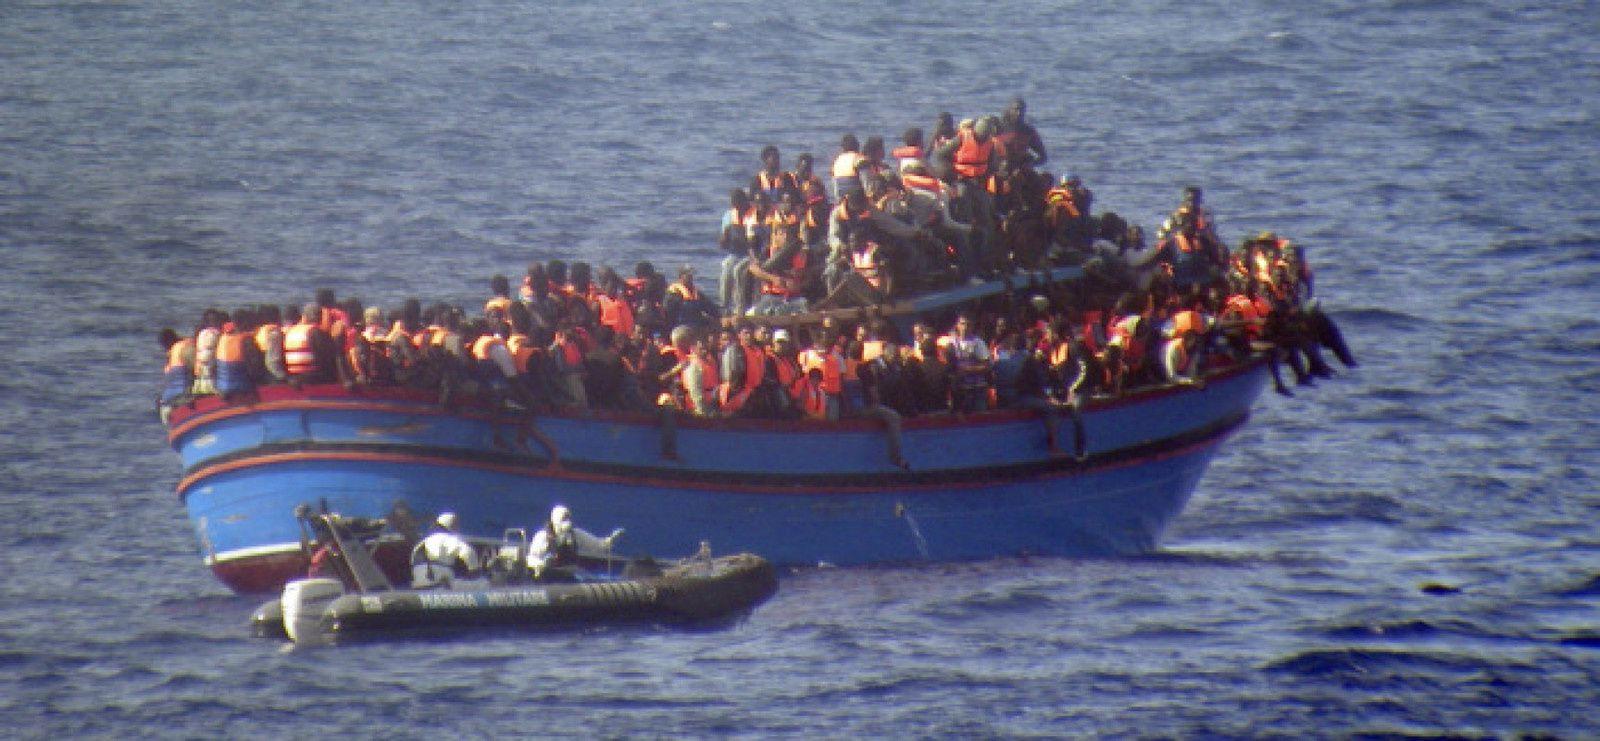 Des centaines de migrants se noient en Méditerranée (WSWS)